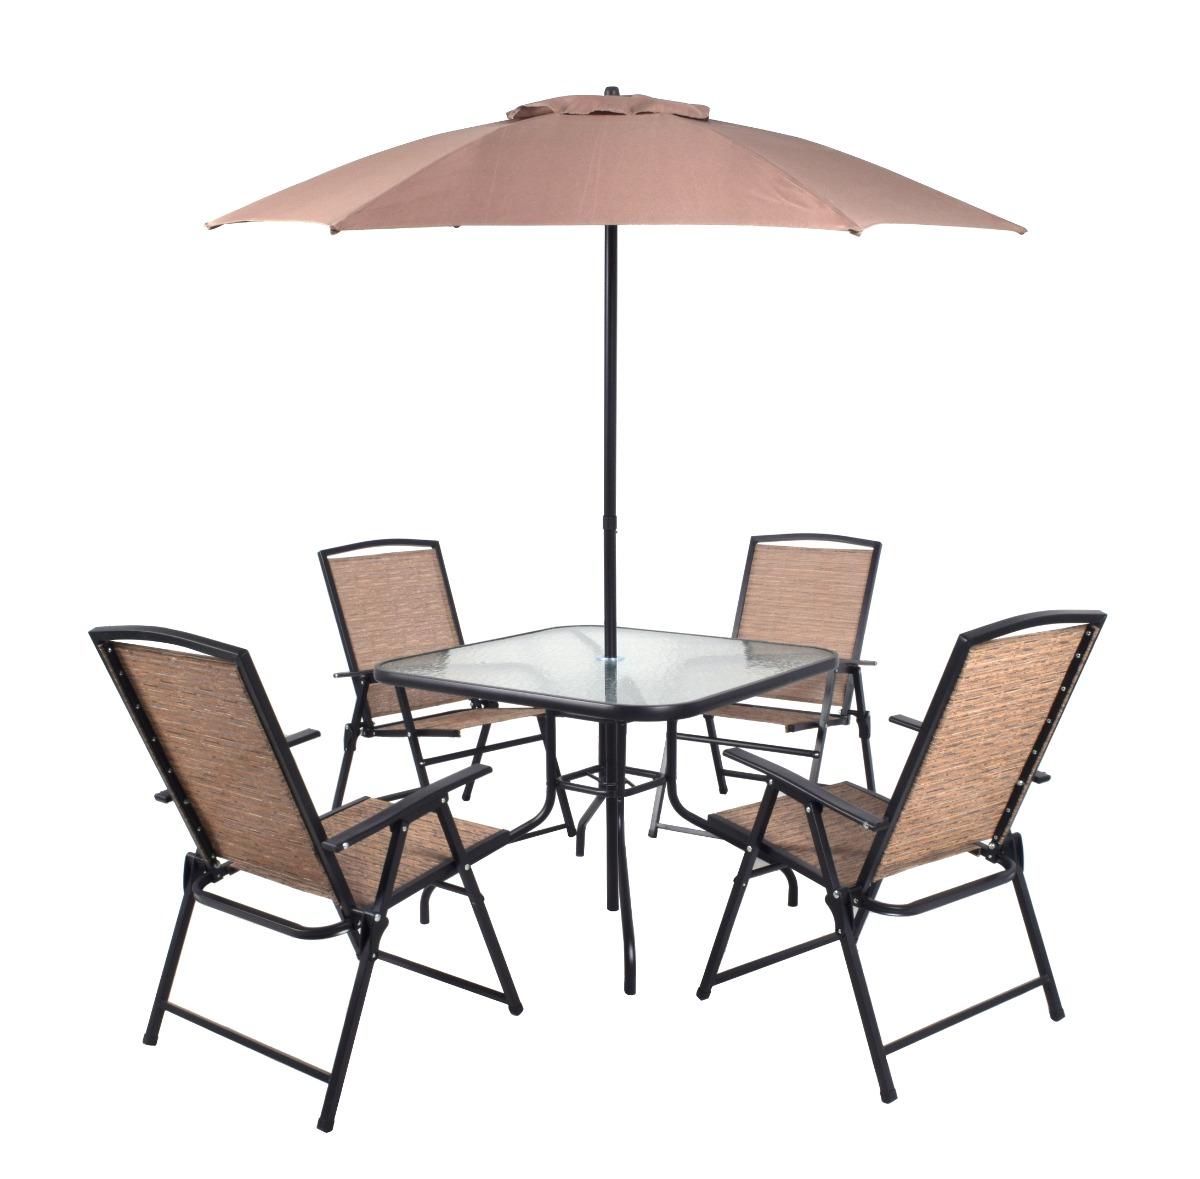 Mesa de comedor walmart affordable dorable mesas y sillas for Juego de mesa y sillas para cocina